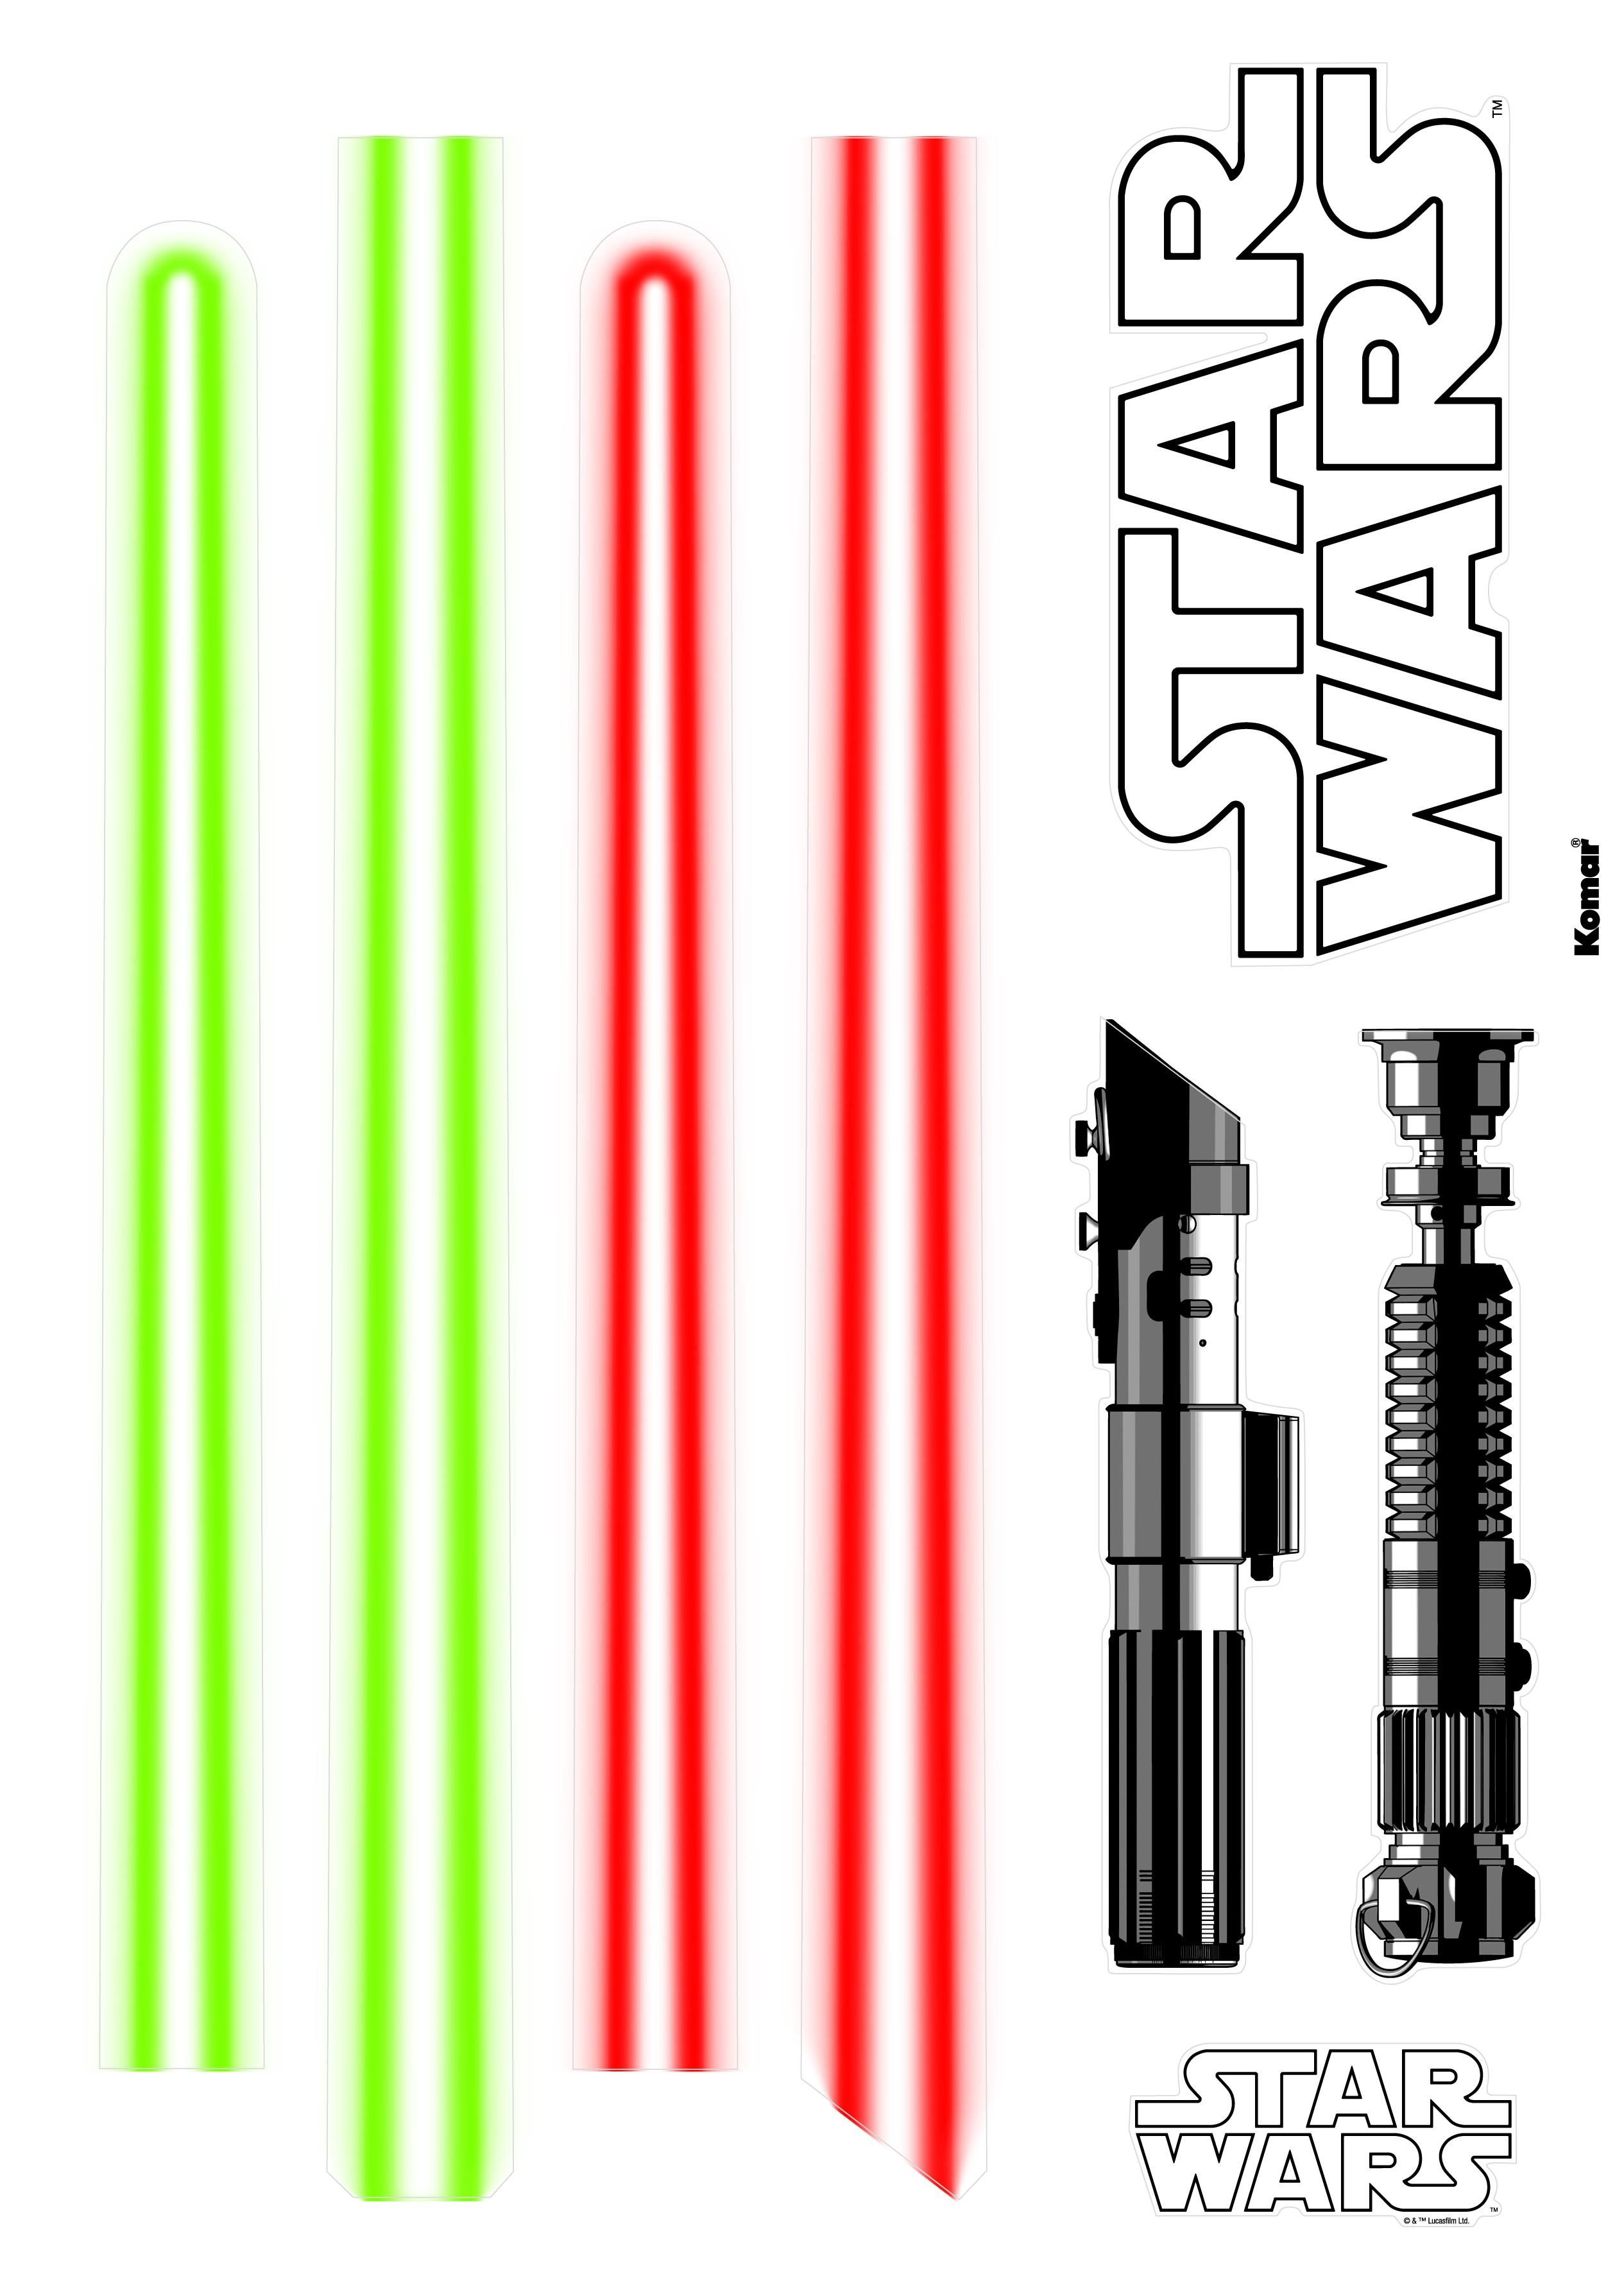 Star Wars lézerkard falmatrica